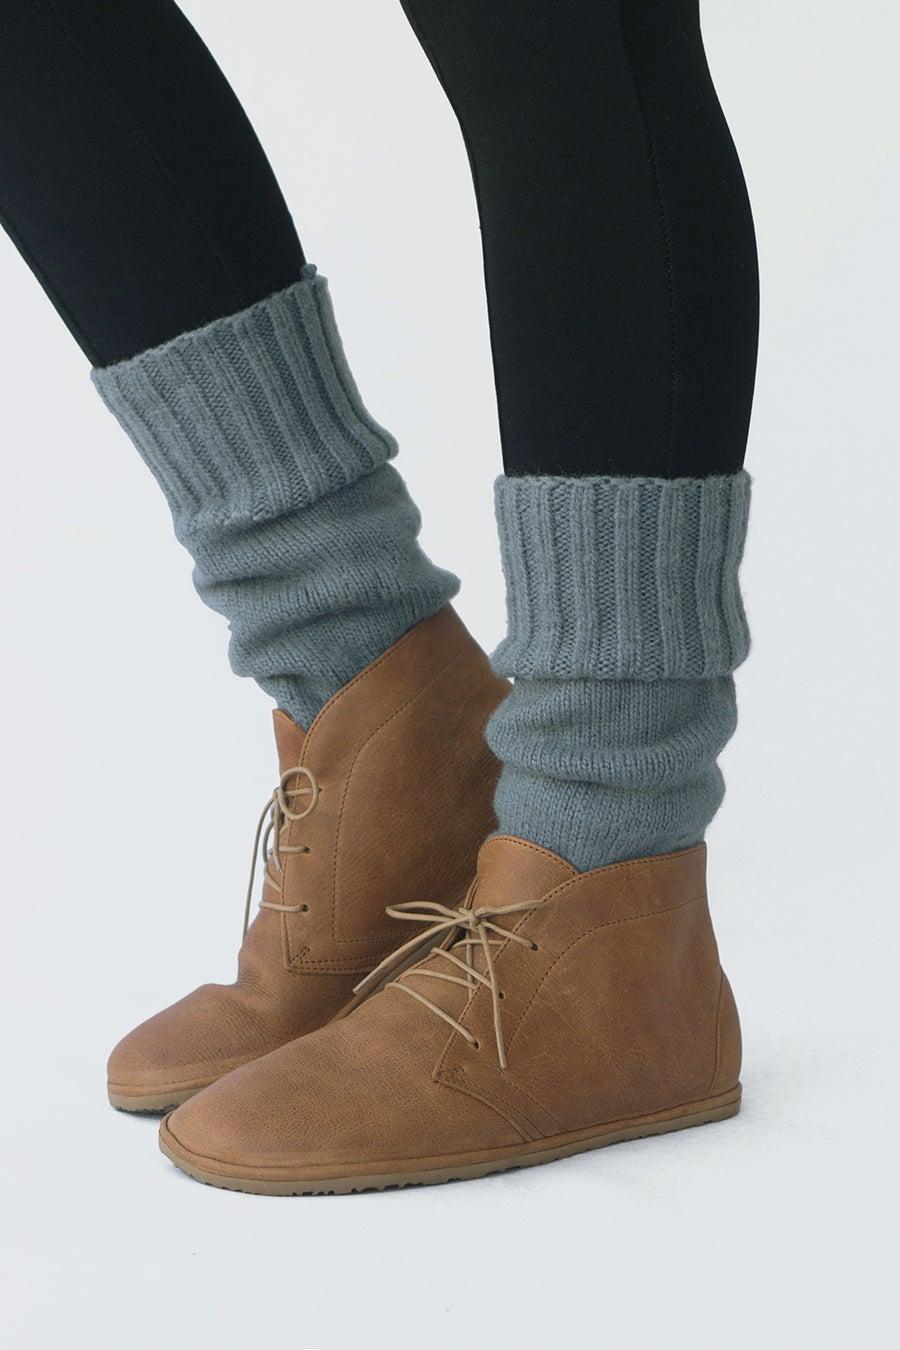 Image of Desert boots - Leona in Caramel